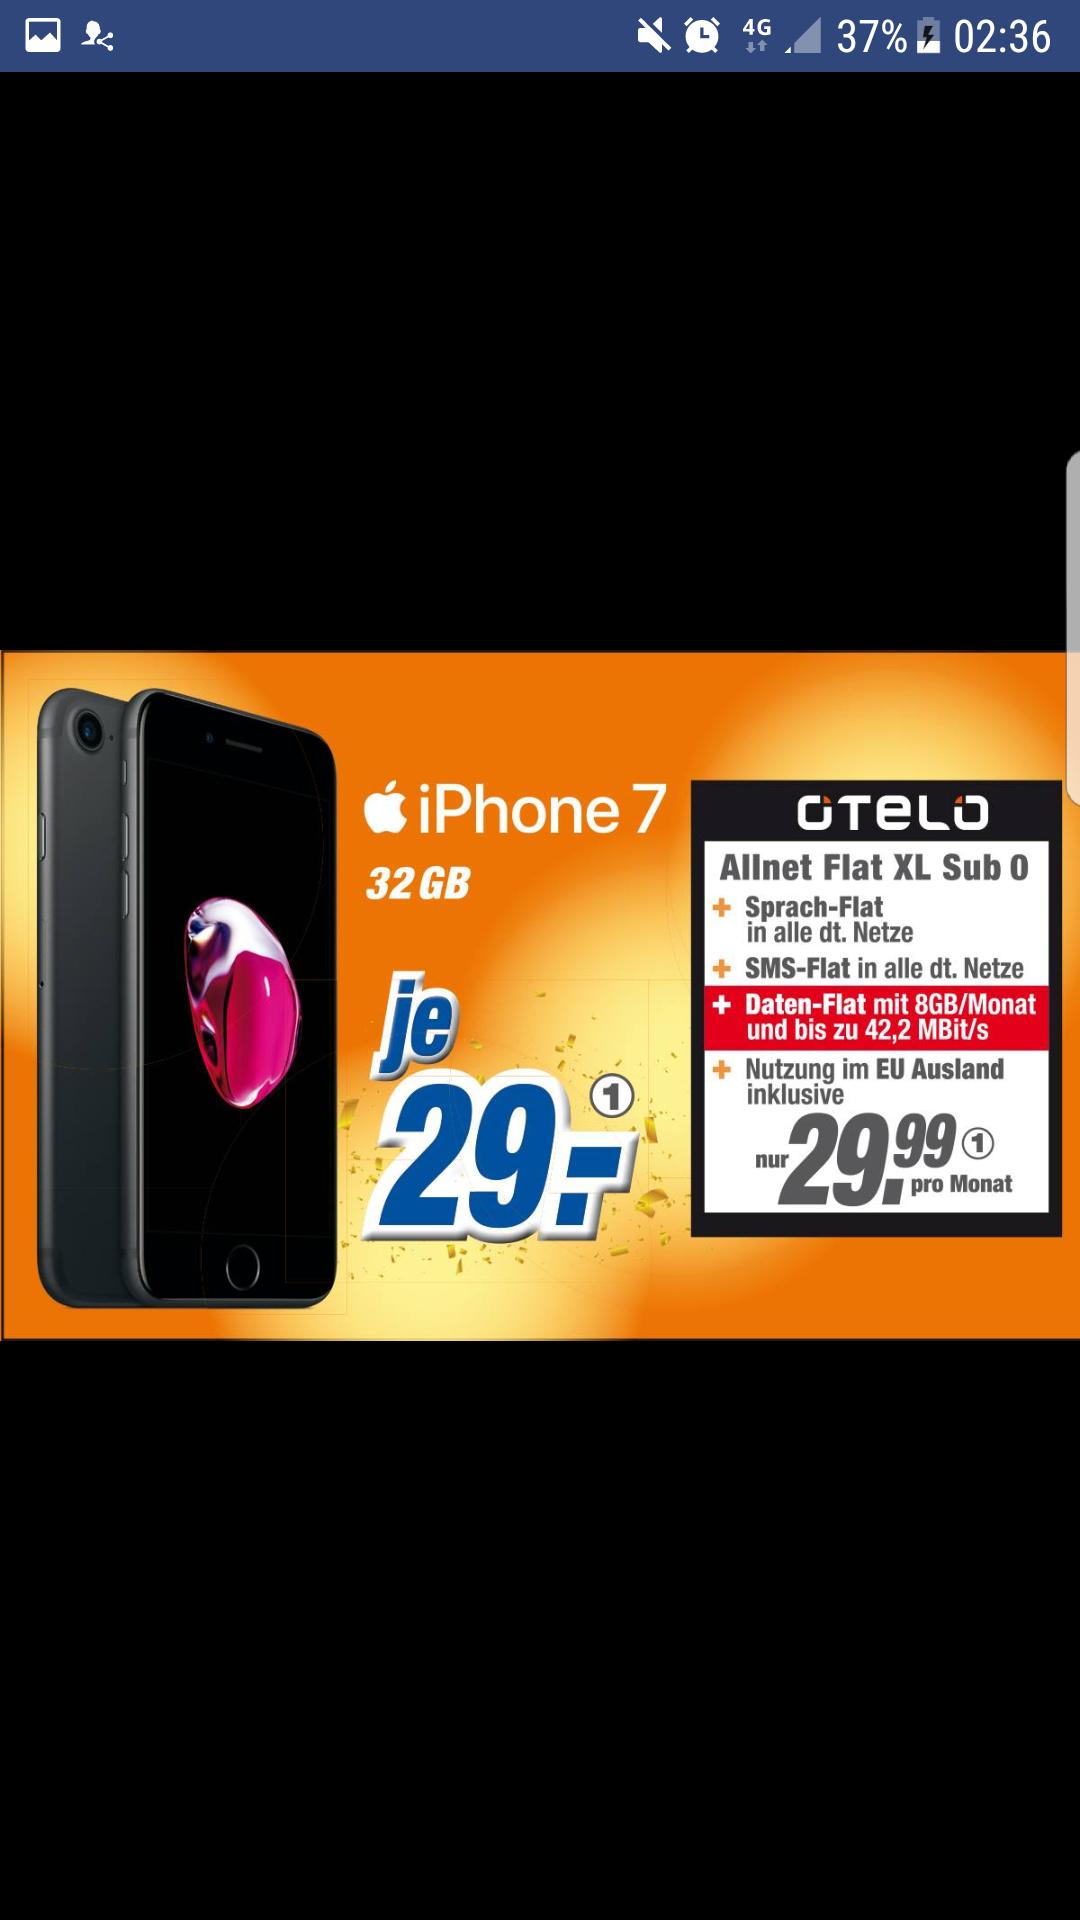 [Expert Hoffmann] iPhone 7 32gb mit 8GB Datenvolumen + Allnet-Flat im Vodafone Netz (Otelo XL) für monatlich 29,99